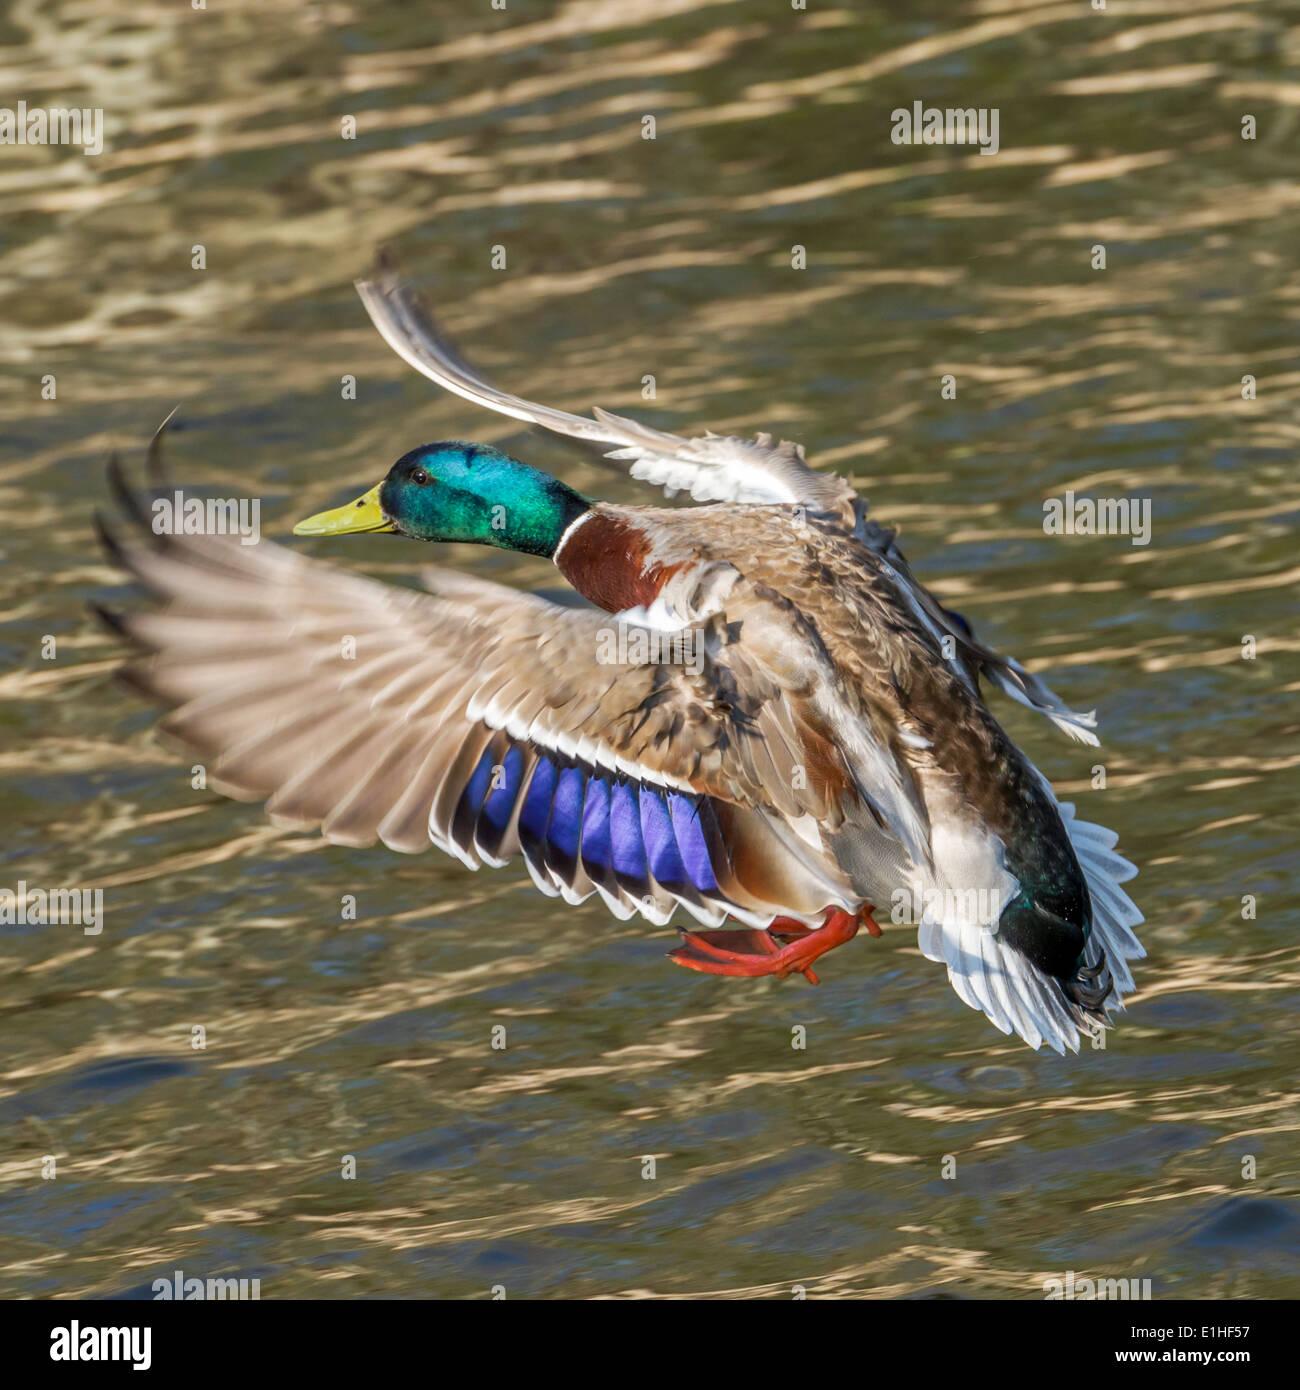 A flying male Mallard duck - Stock Image